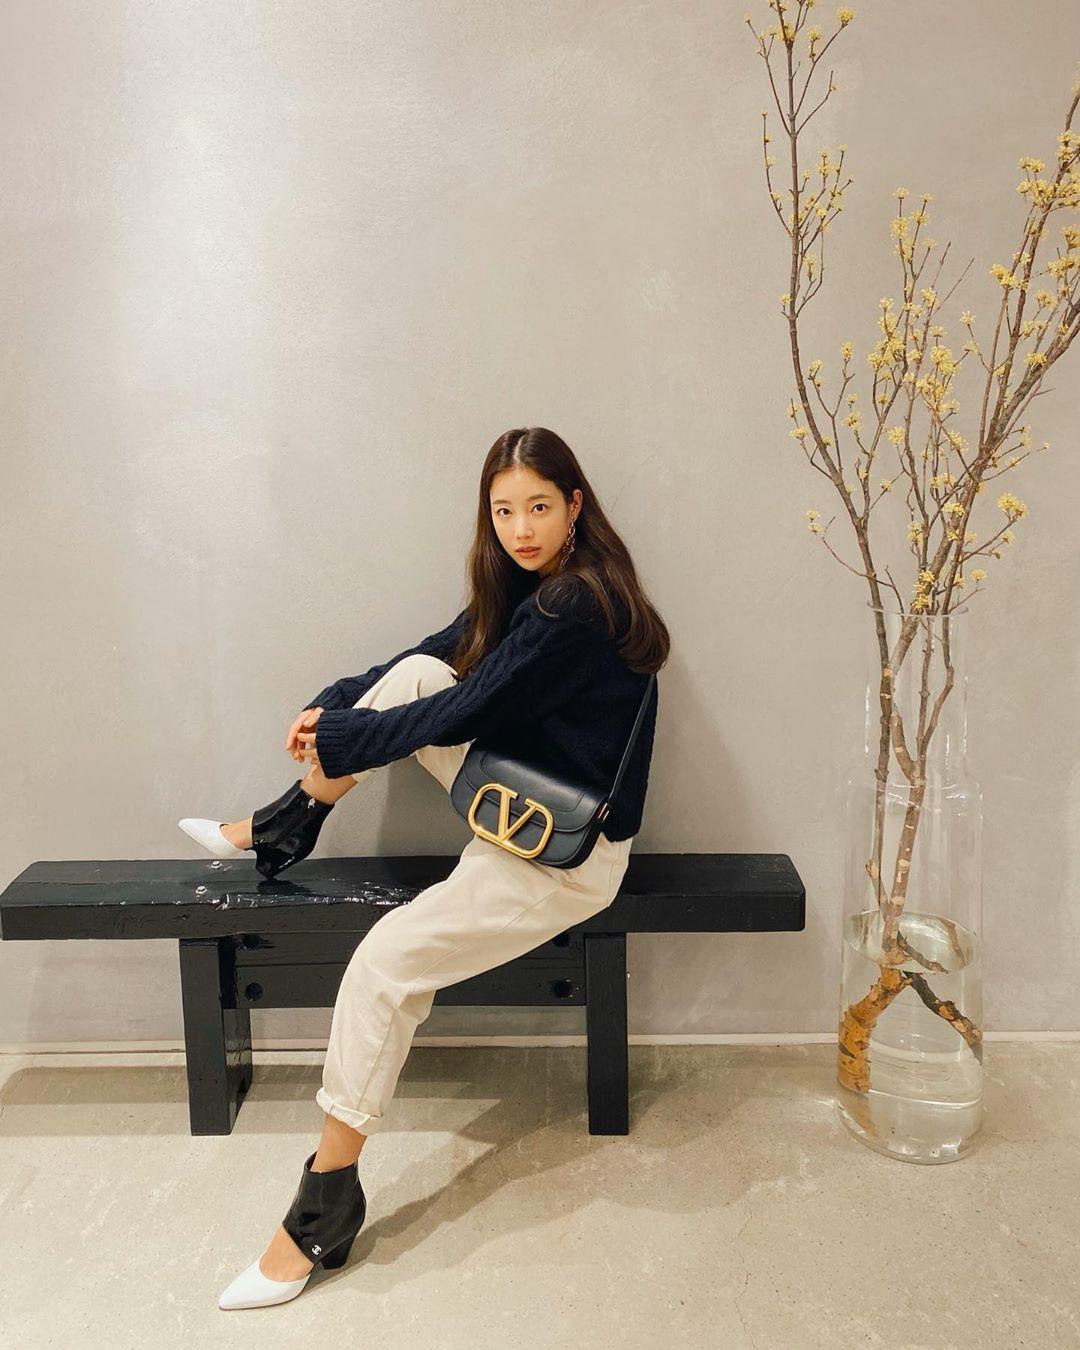 Hồi tháng 2, cô dạo chơi cùng bạn bè với túi đeo chéo Valentino gam đen, nhấn vào logo kim loại cỡ lớn.